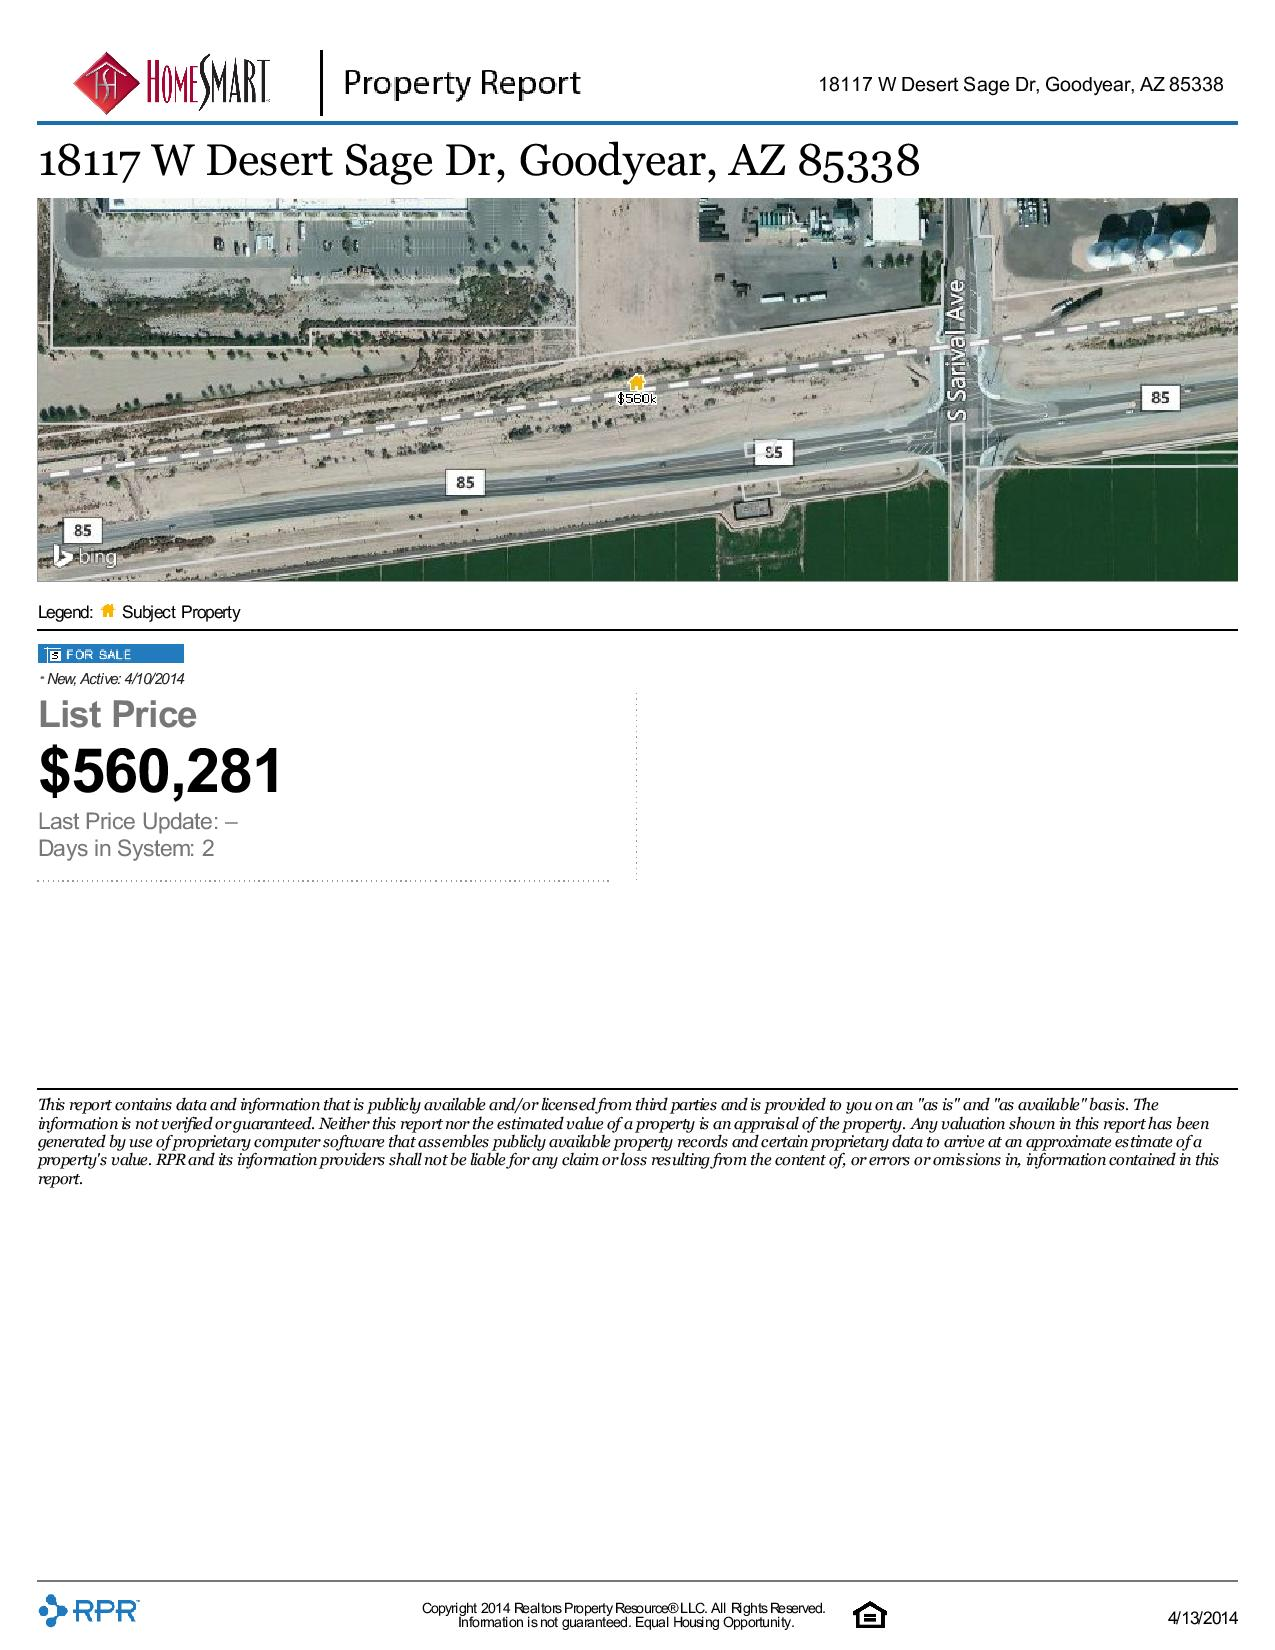 18117-W-Desert-Sage-Dr-Goodyear-AZ-85338-page-002